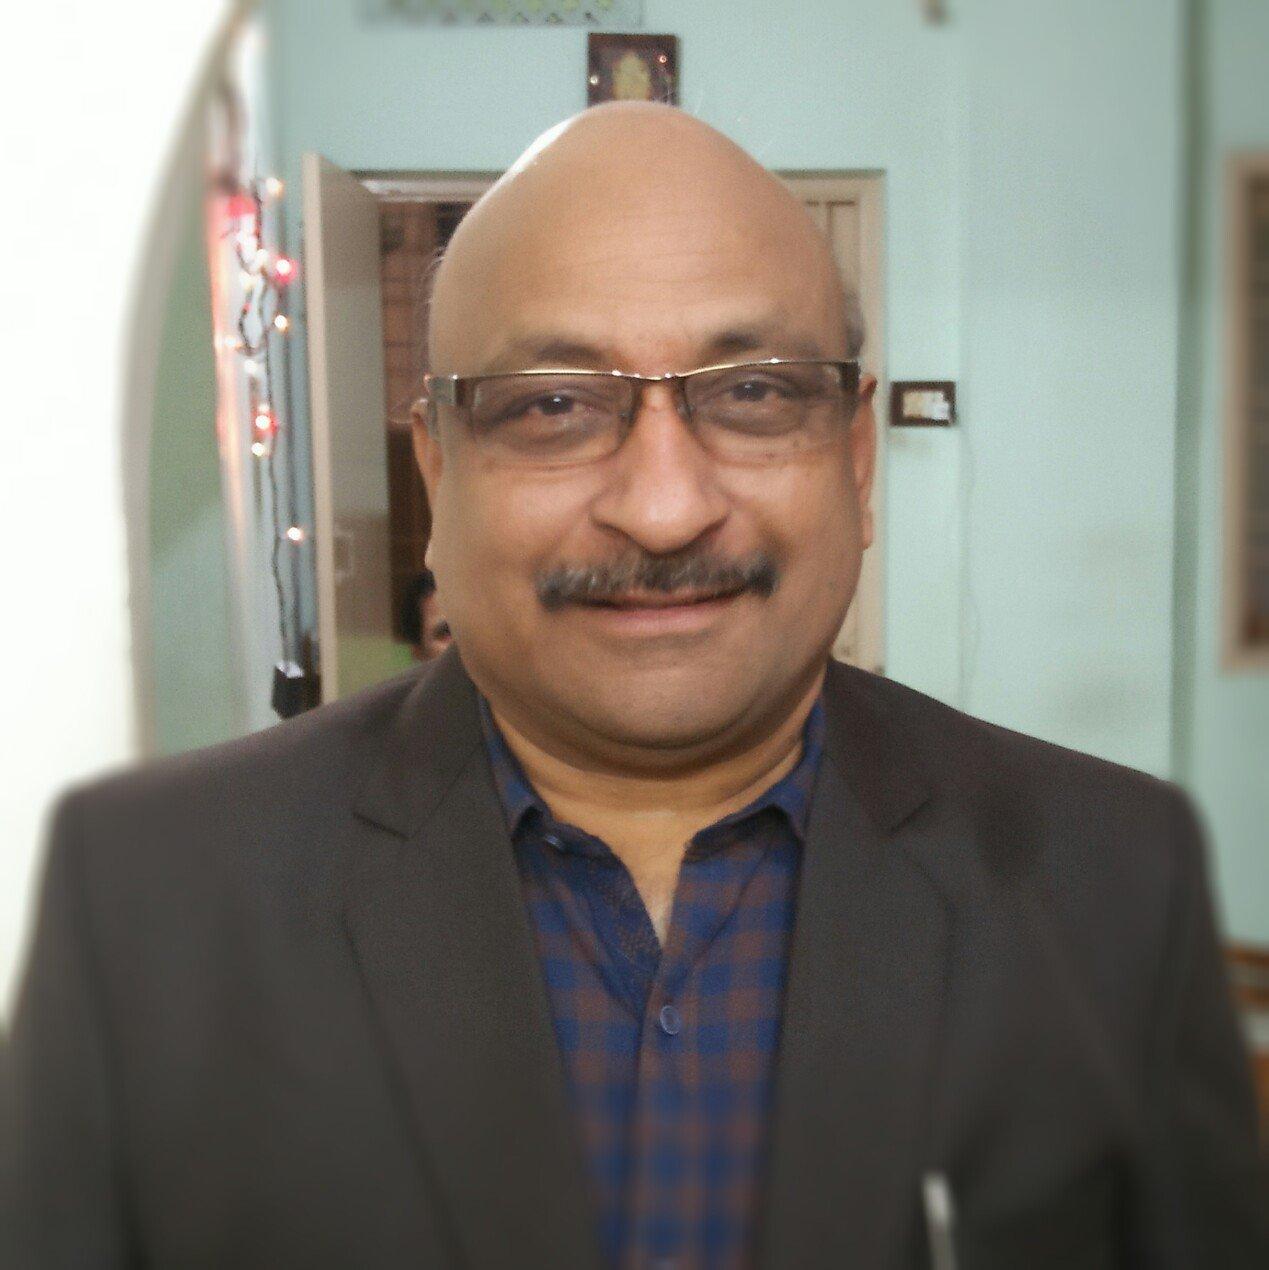 Dr. Potnuru Srinivaasa Sudhakar